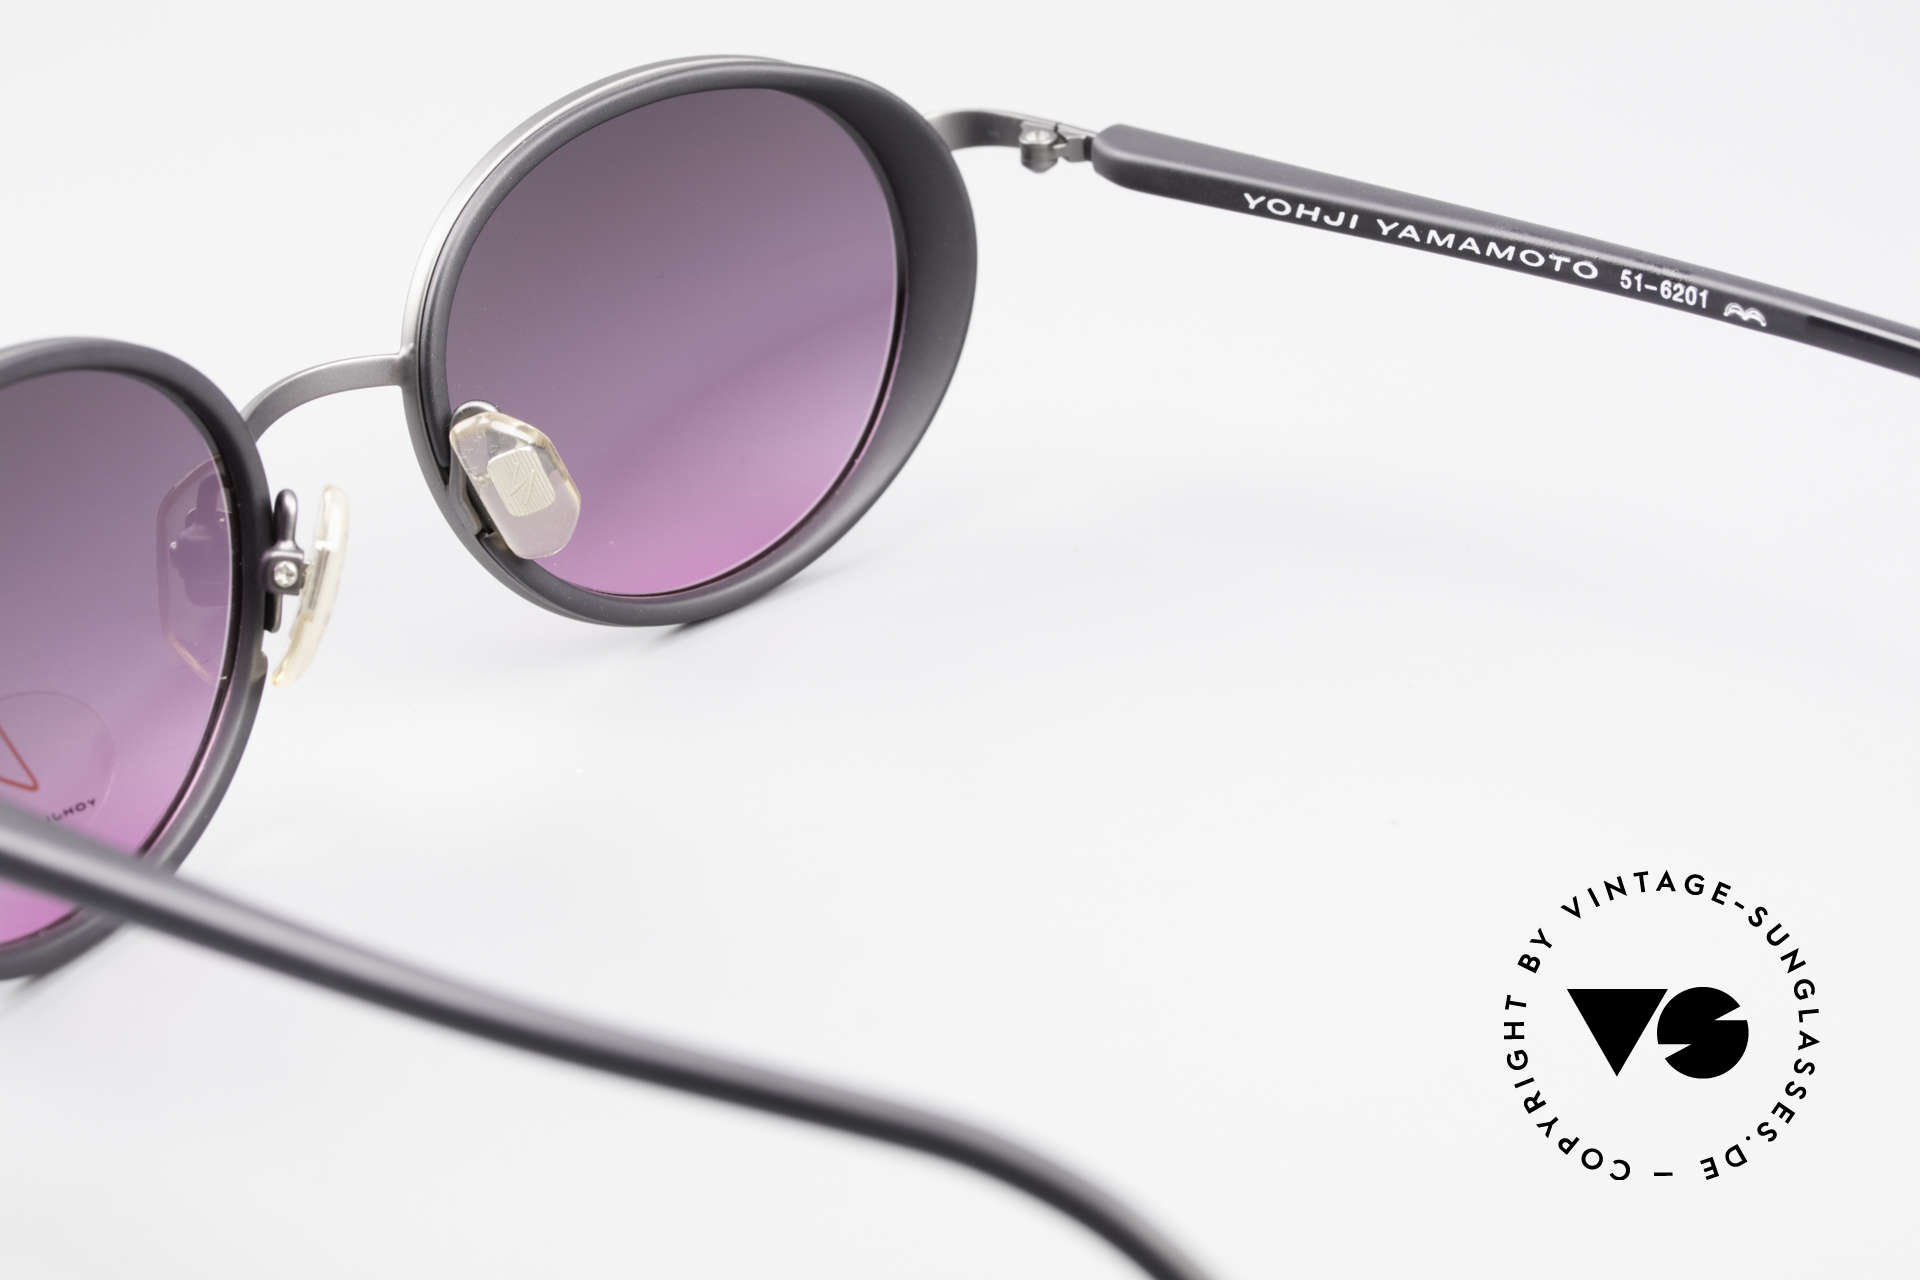 Yohji Yamamoto 51-6201 Seitenblenden Sonnenbrille, Größe: medium, Passend für Damen